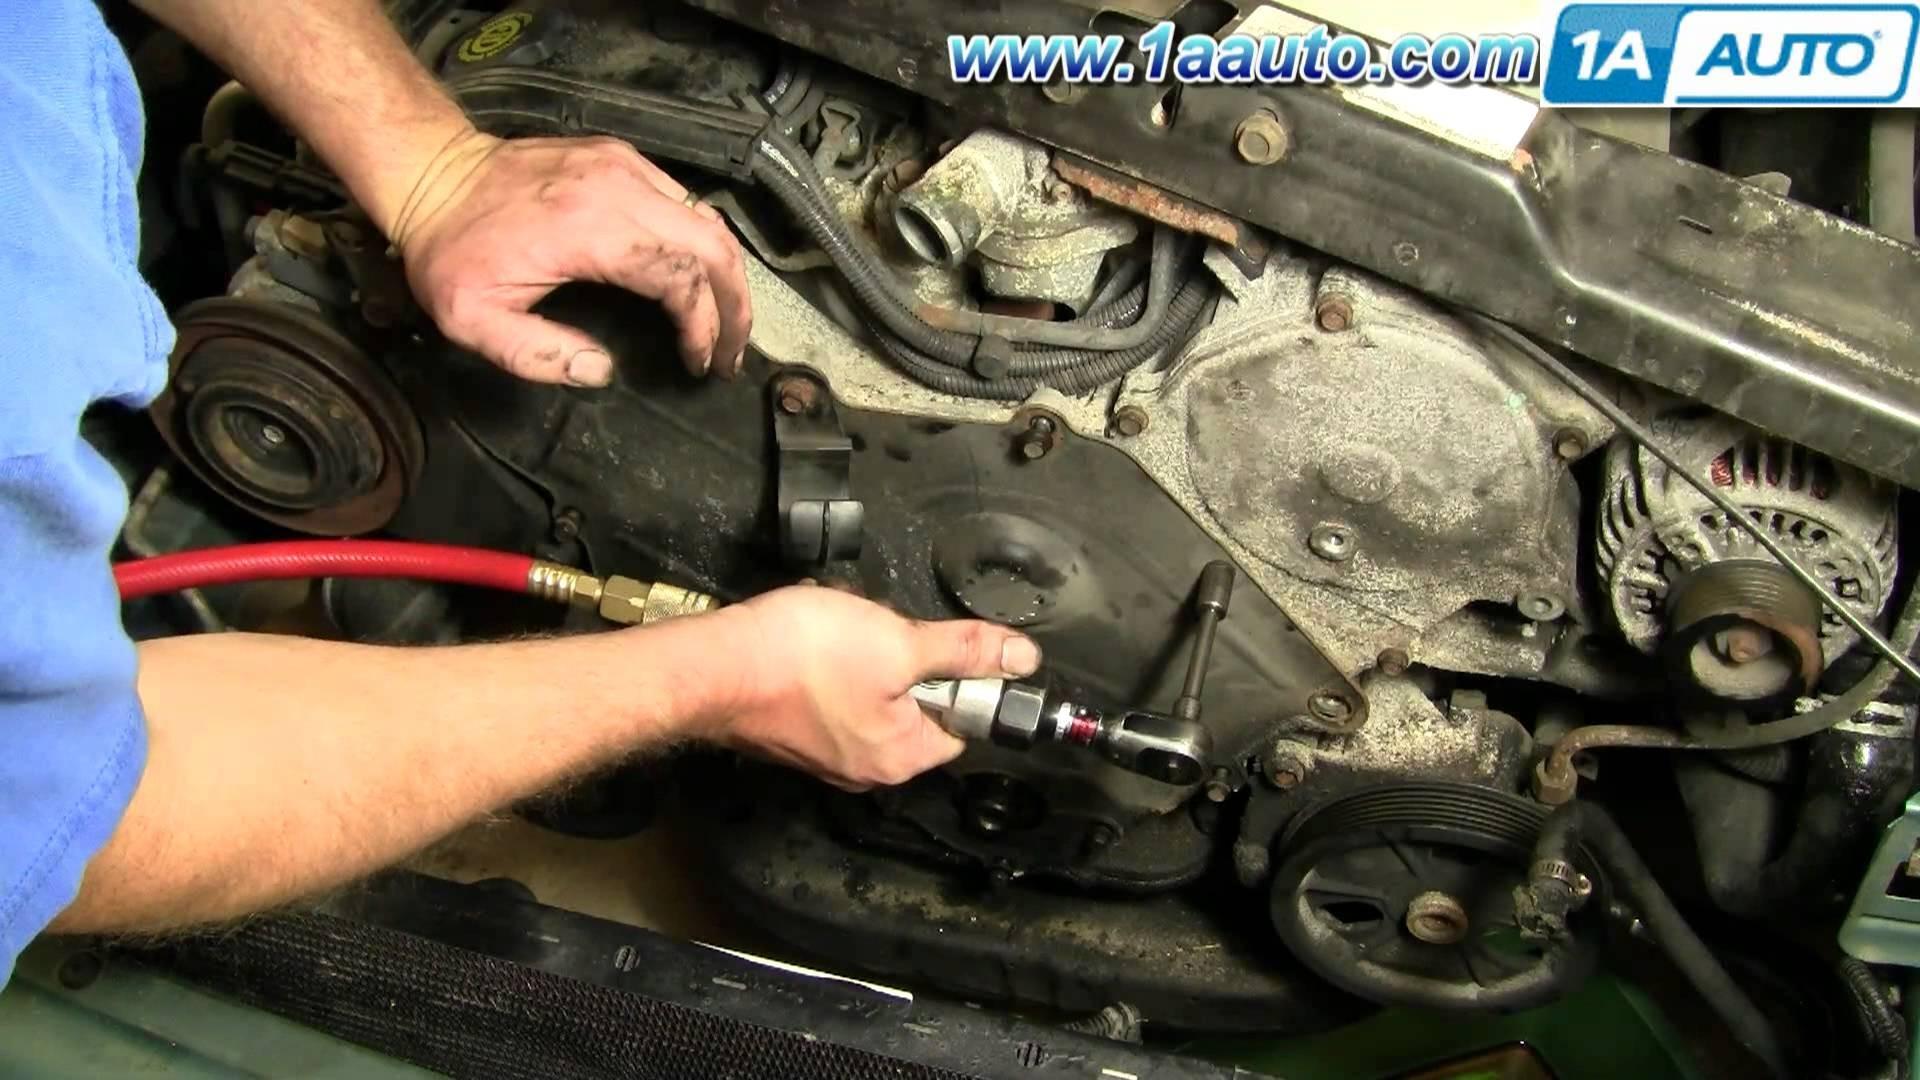 How To Change Engine Timing Belt Dodge Intrepid 3 5L 95 97 Part 2